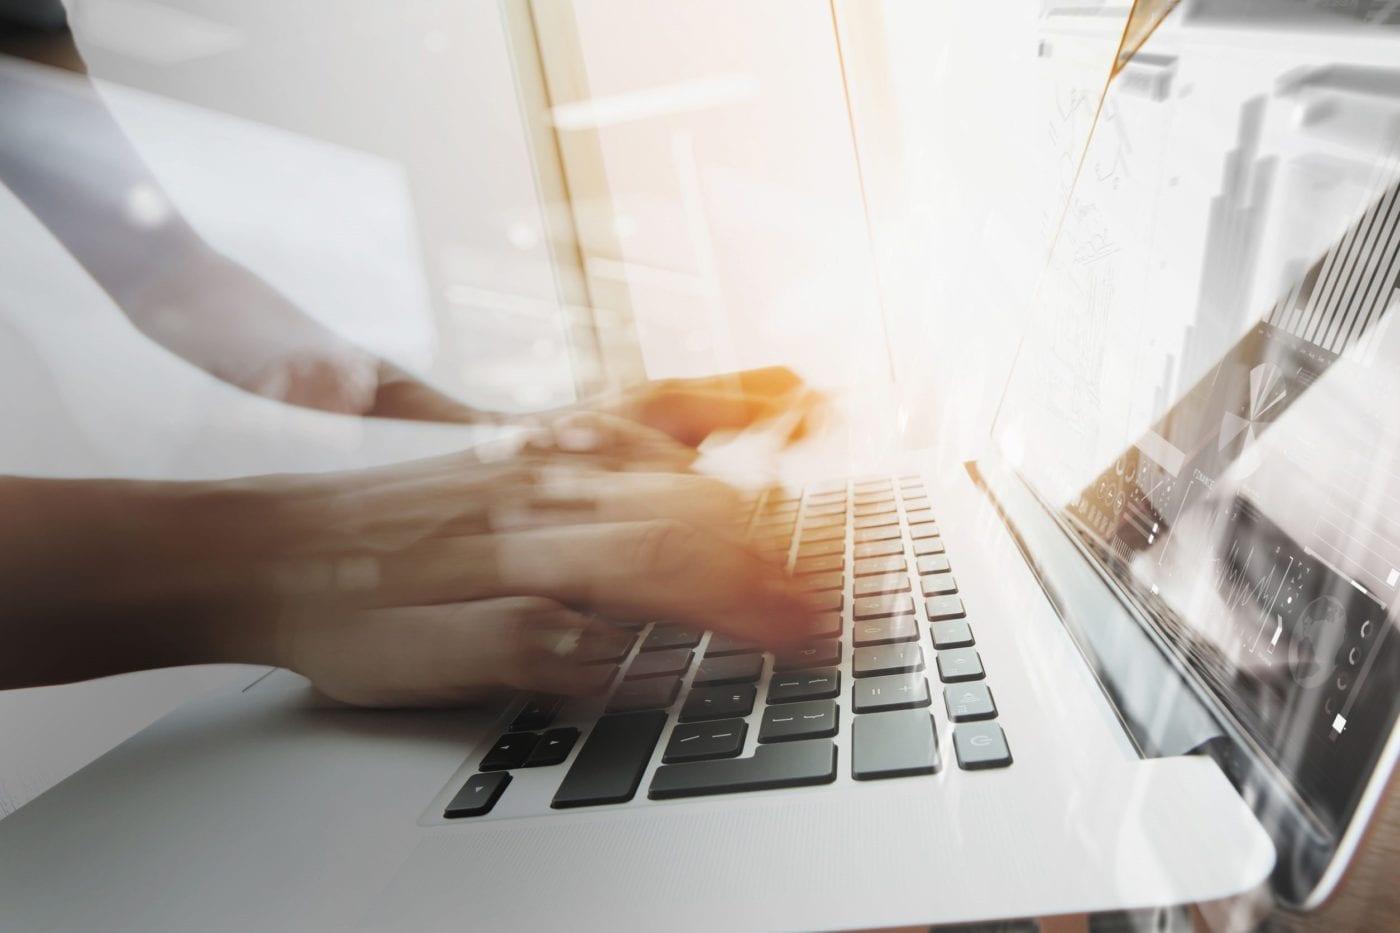 Webcare in de publieke sector: hoe wenselijk is een lollige toon?